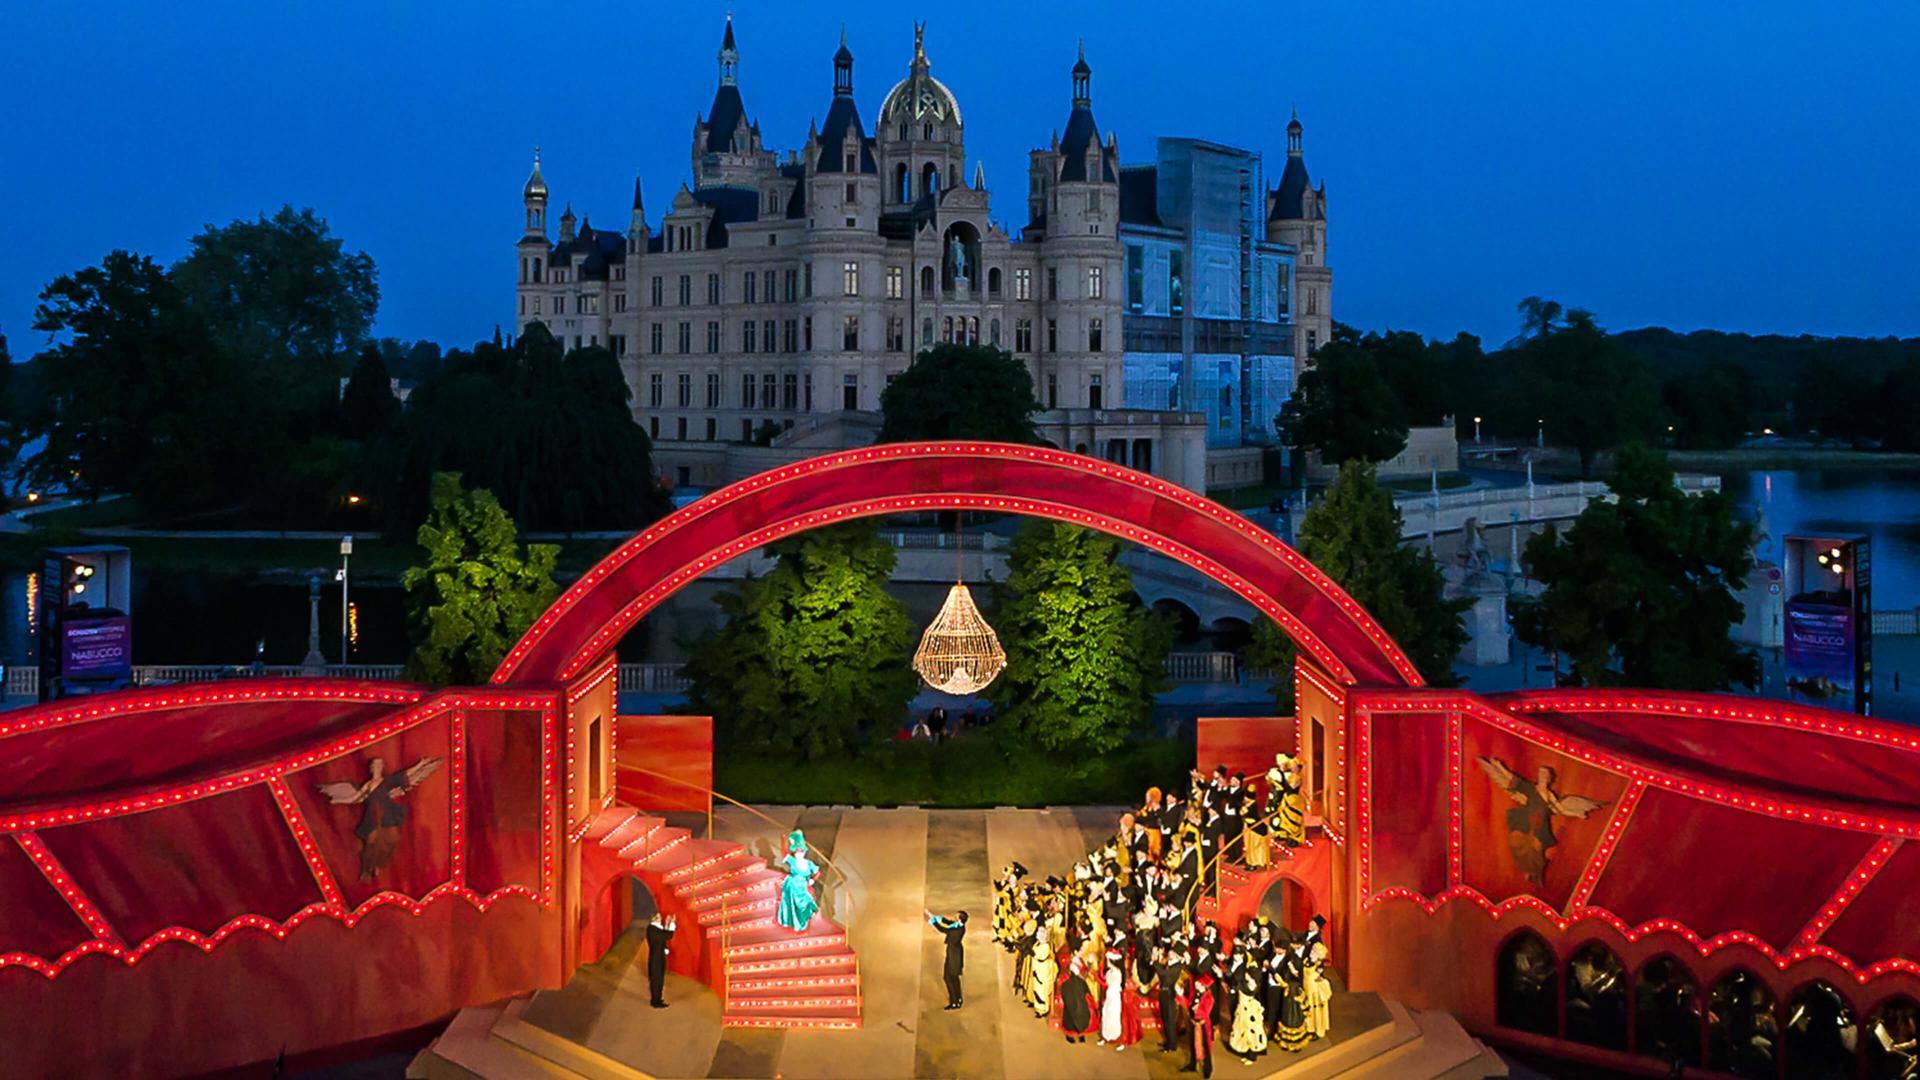 Schloßfestspiele Schwerin